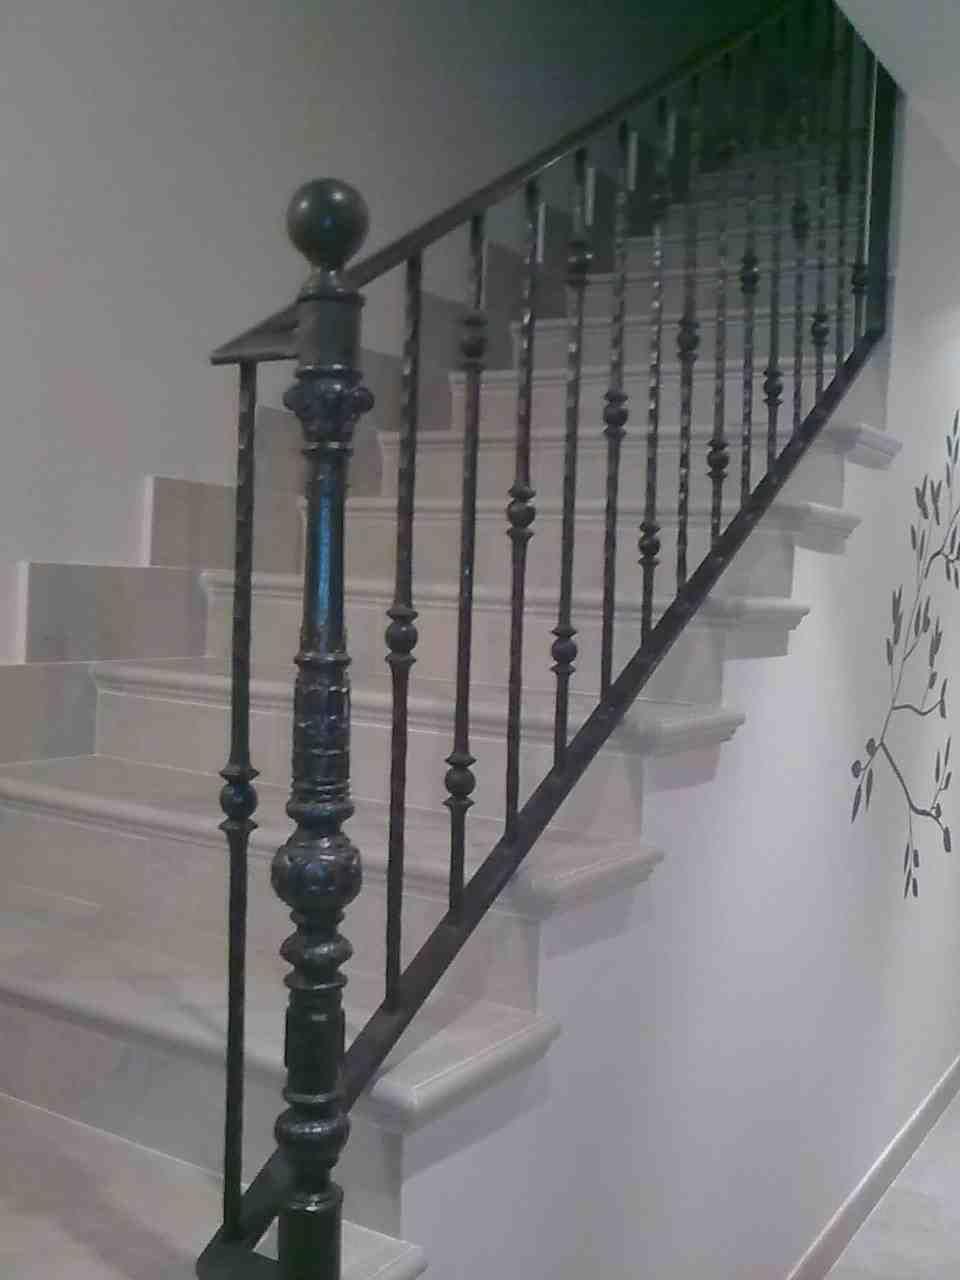 Barandilla Forja Jpg 960 1280 Barandillas Piscina Pinterest  ~ Barandillas De Forja Para Escaleras De Interior